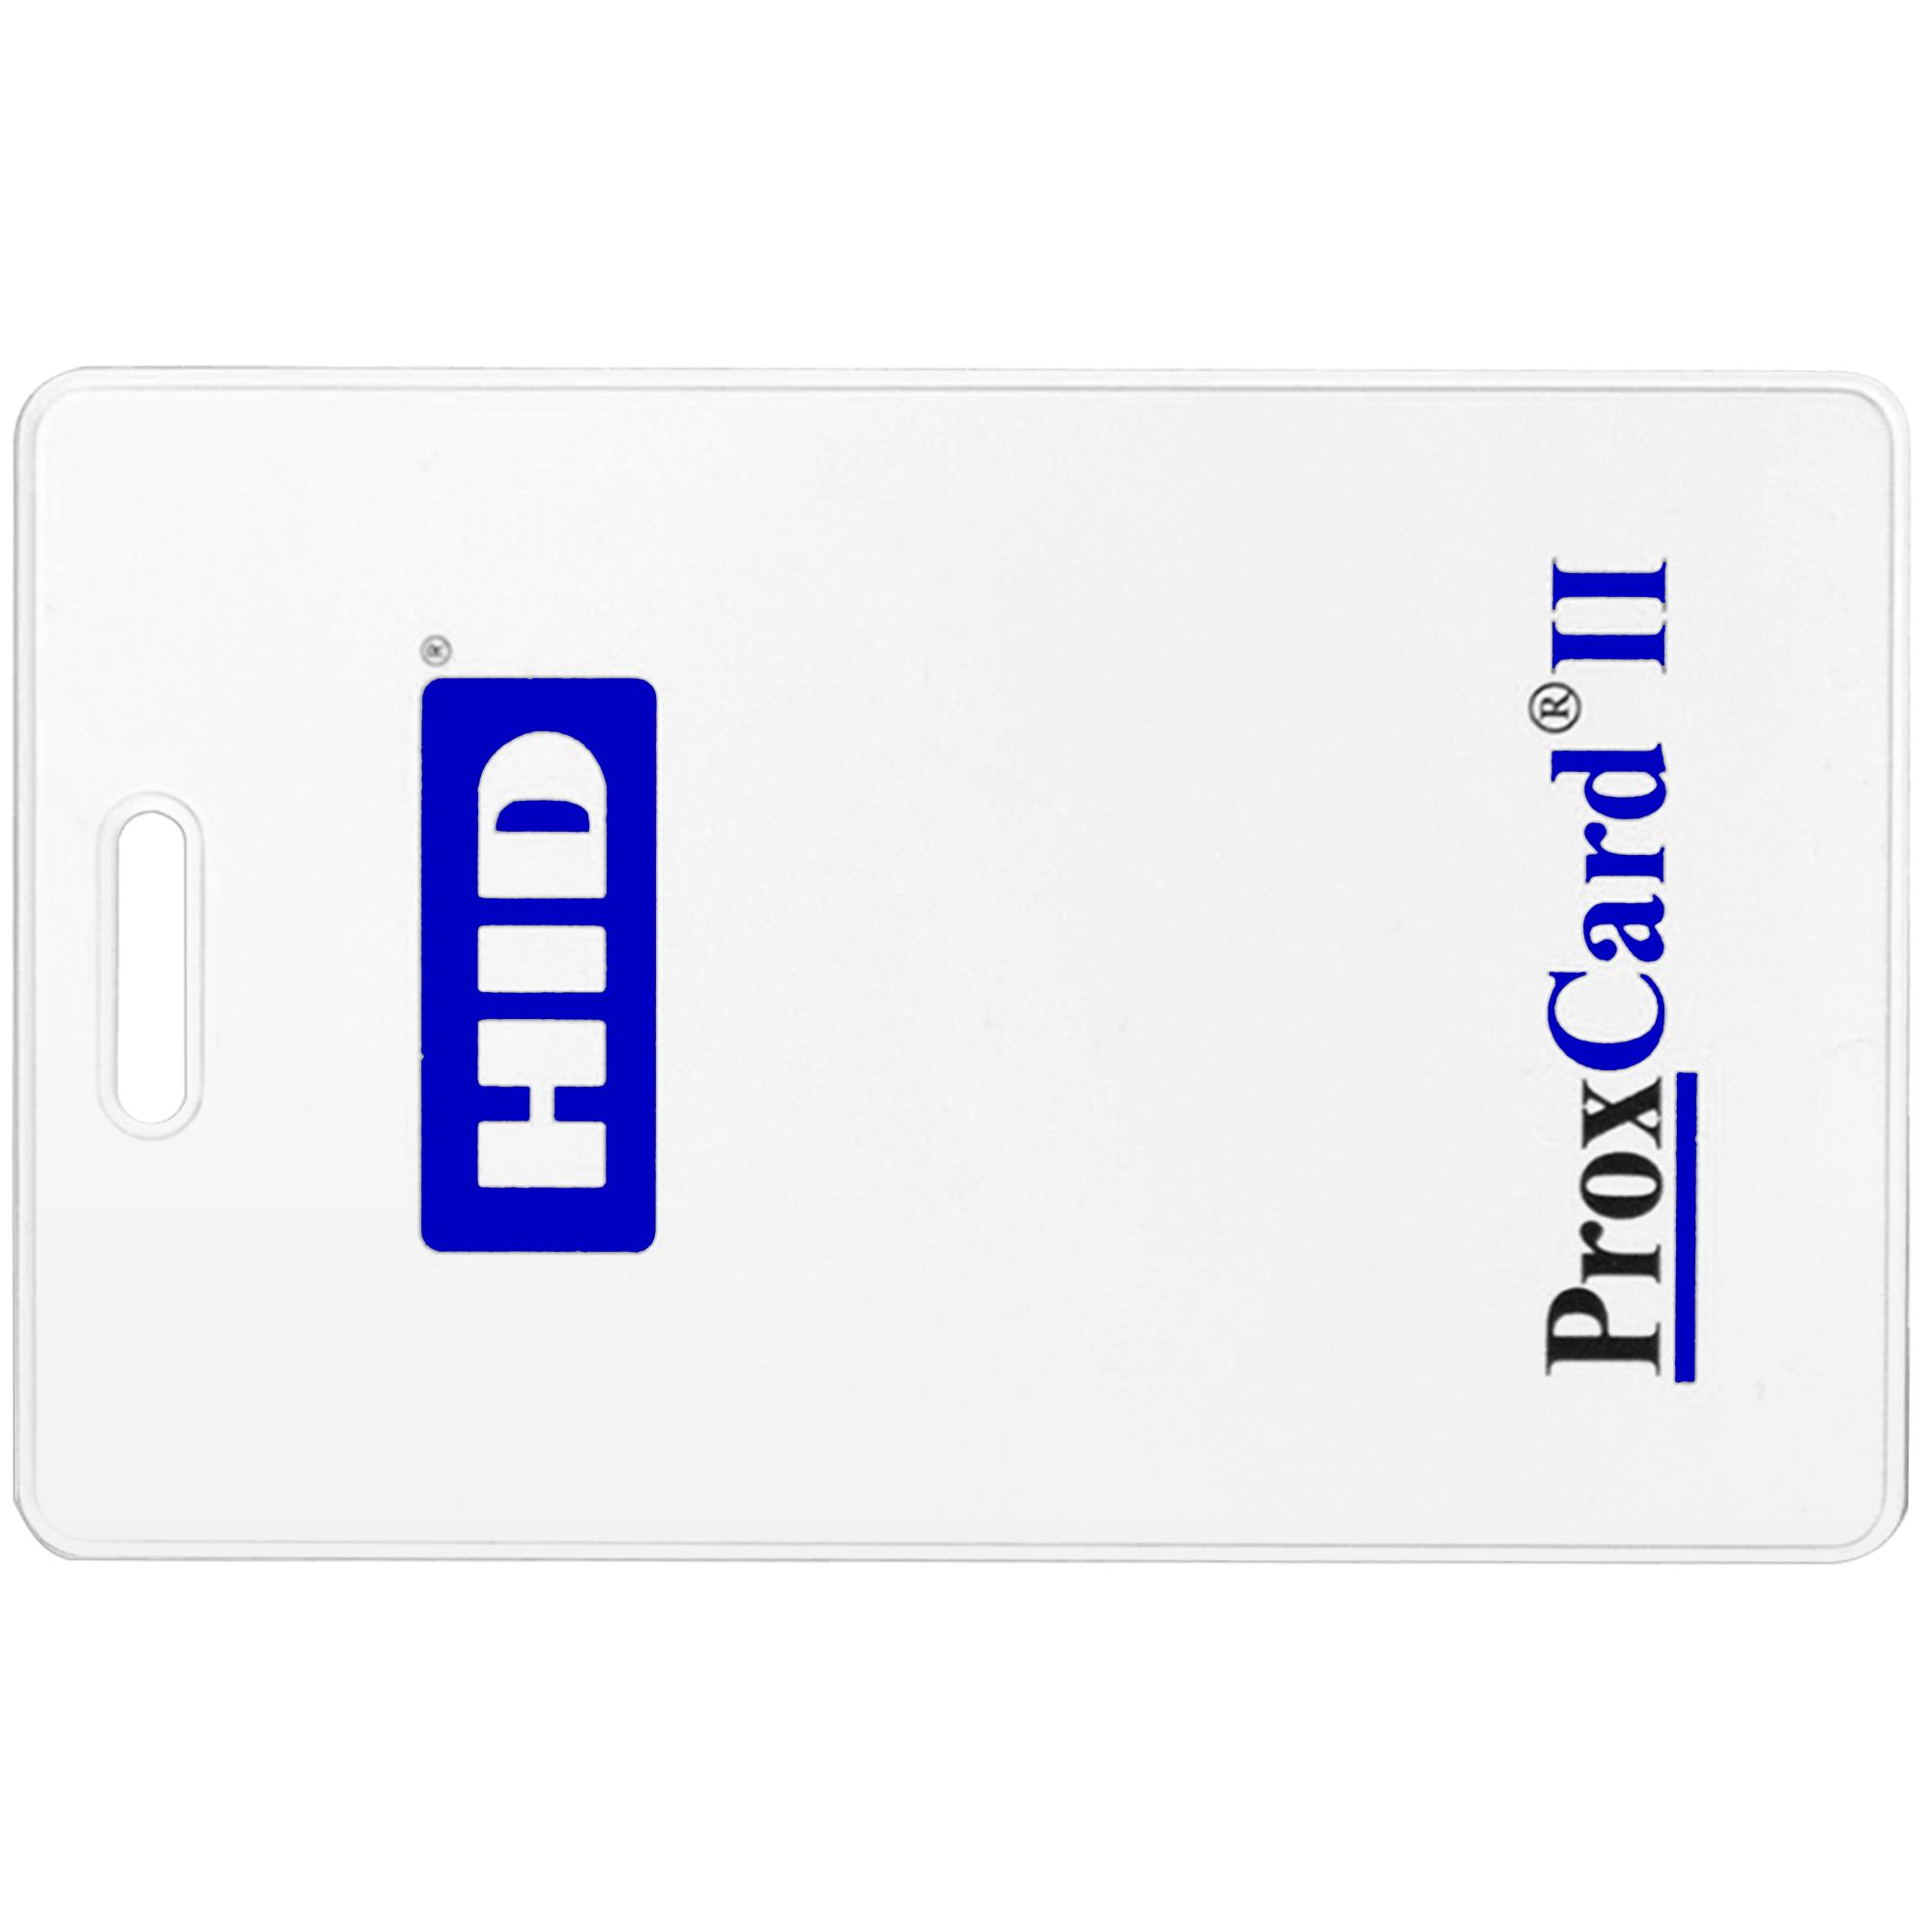 Бесконтактная пластиковая карта с чипом HID ProxCard 2 Clamshell (толстая), RFID-карта с прорезью